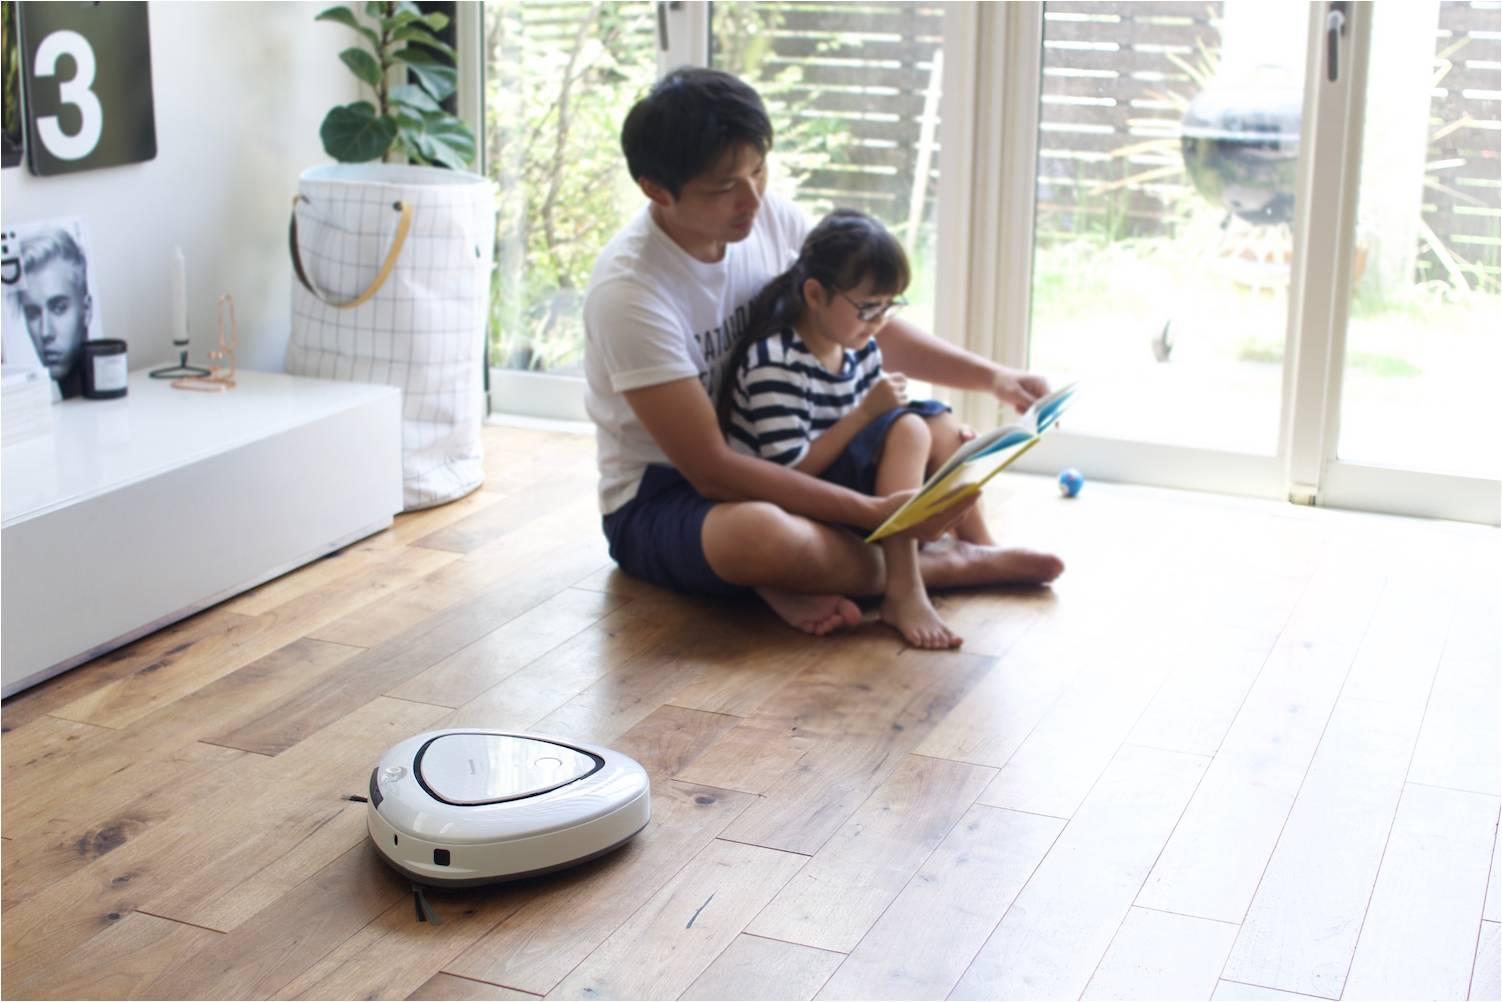 「レンタルーロ&トライット」キャンペーン(ロボット掃除機「RULO(ルーロ)」使用イメージ)